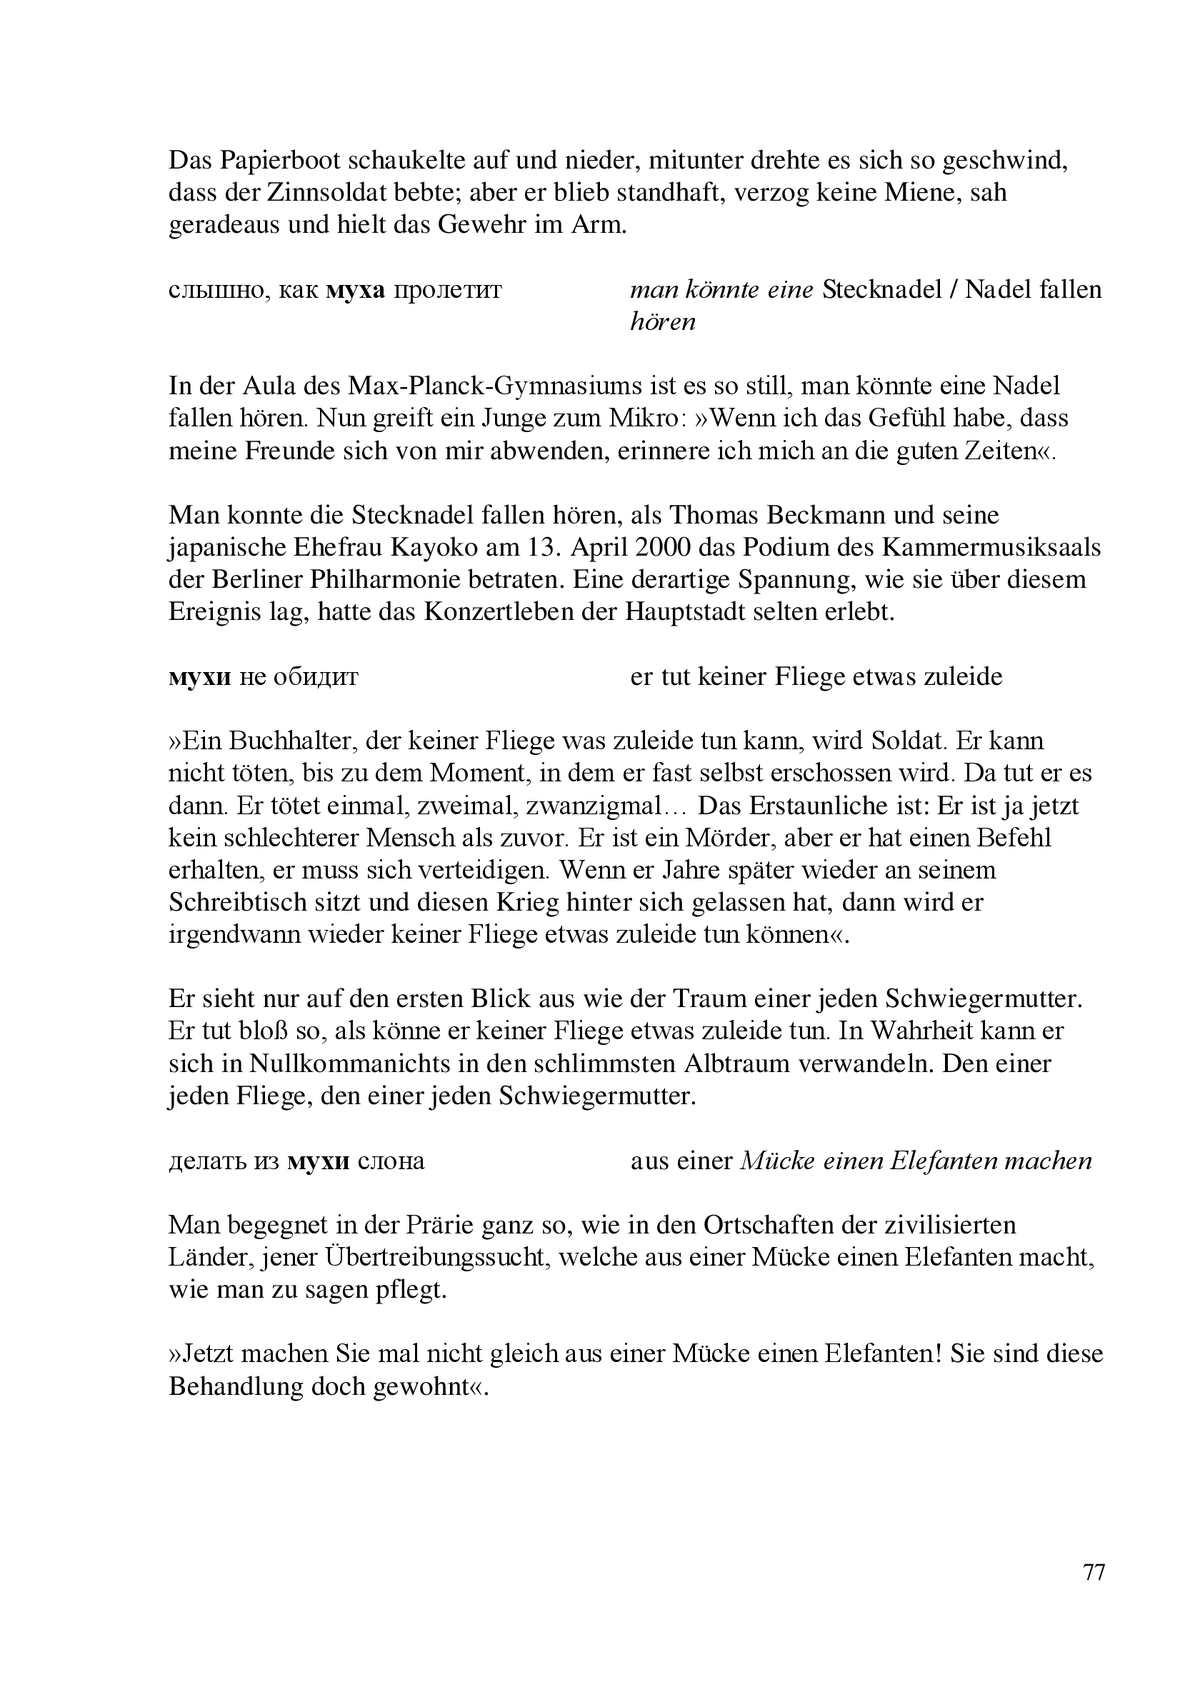 русско немeцкий словарь идиоматических выражений для